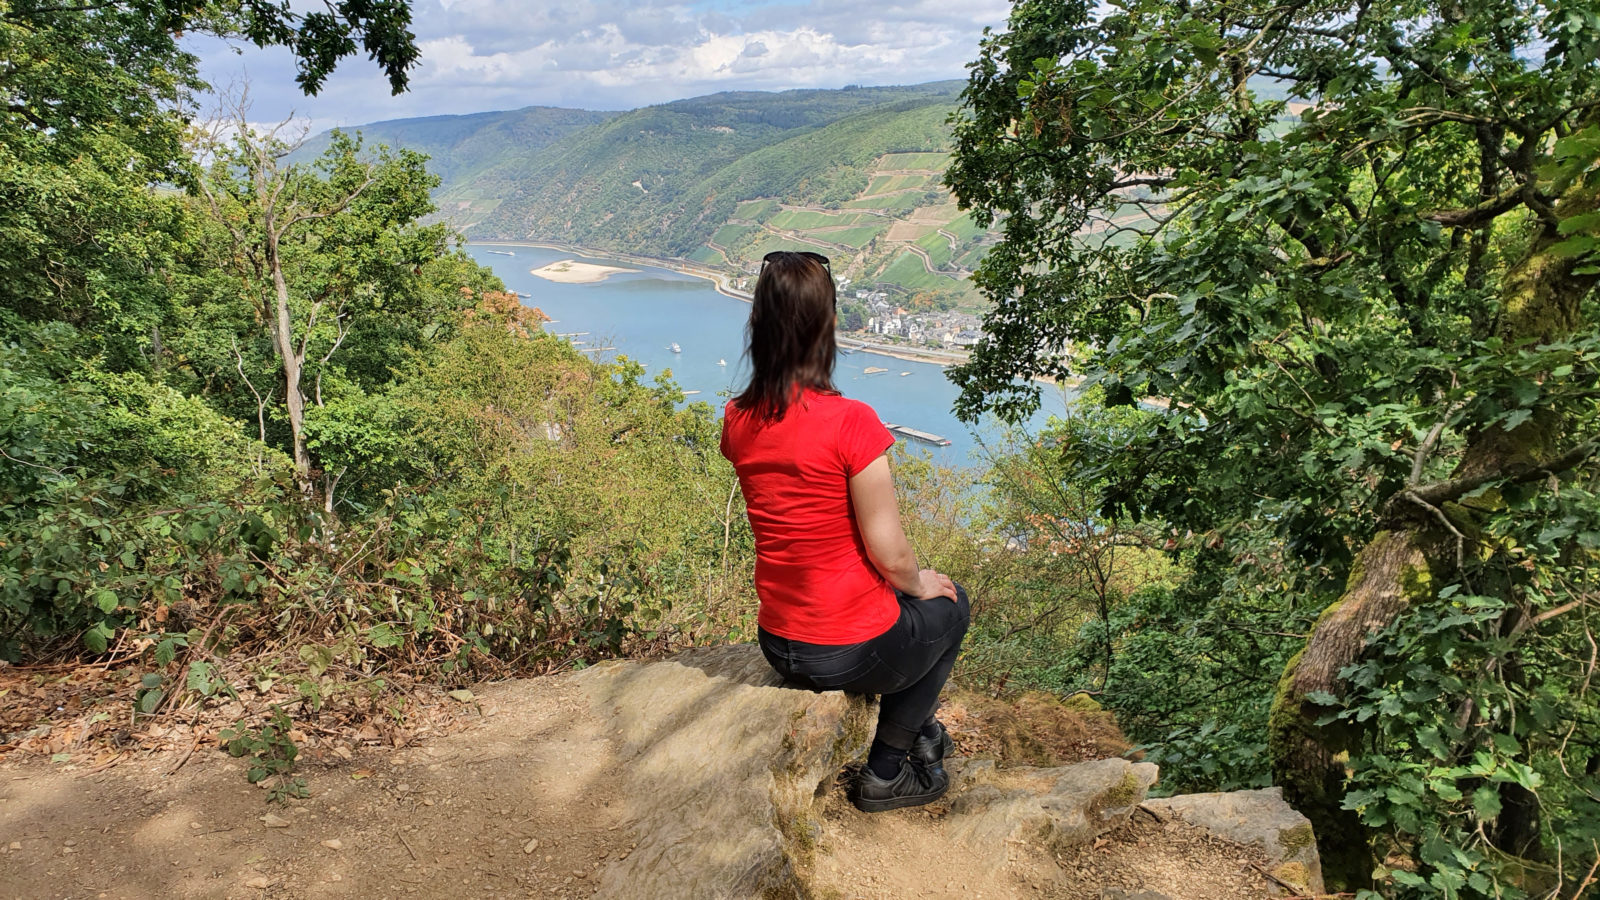 Burgen-Wanderung ab Bingen, Rundwanderweg ab Bingen, Wandern auf dem Rhein-Burgen-Weg, Wandern am Mittelrhein, Burgen-Wanderung ab Bingen